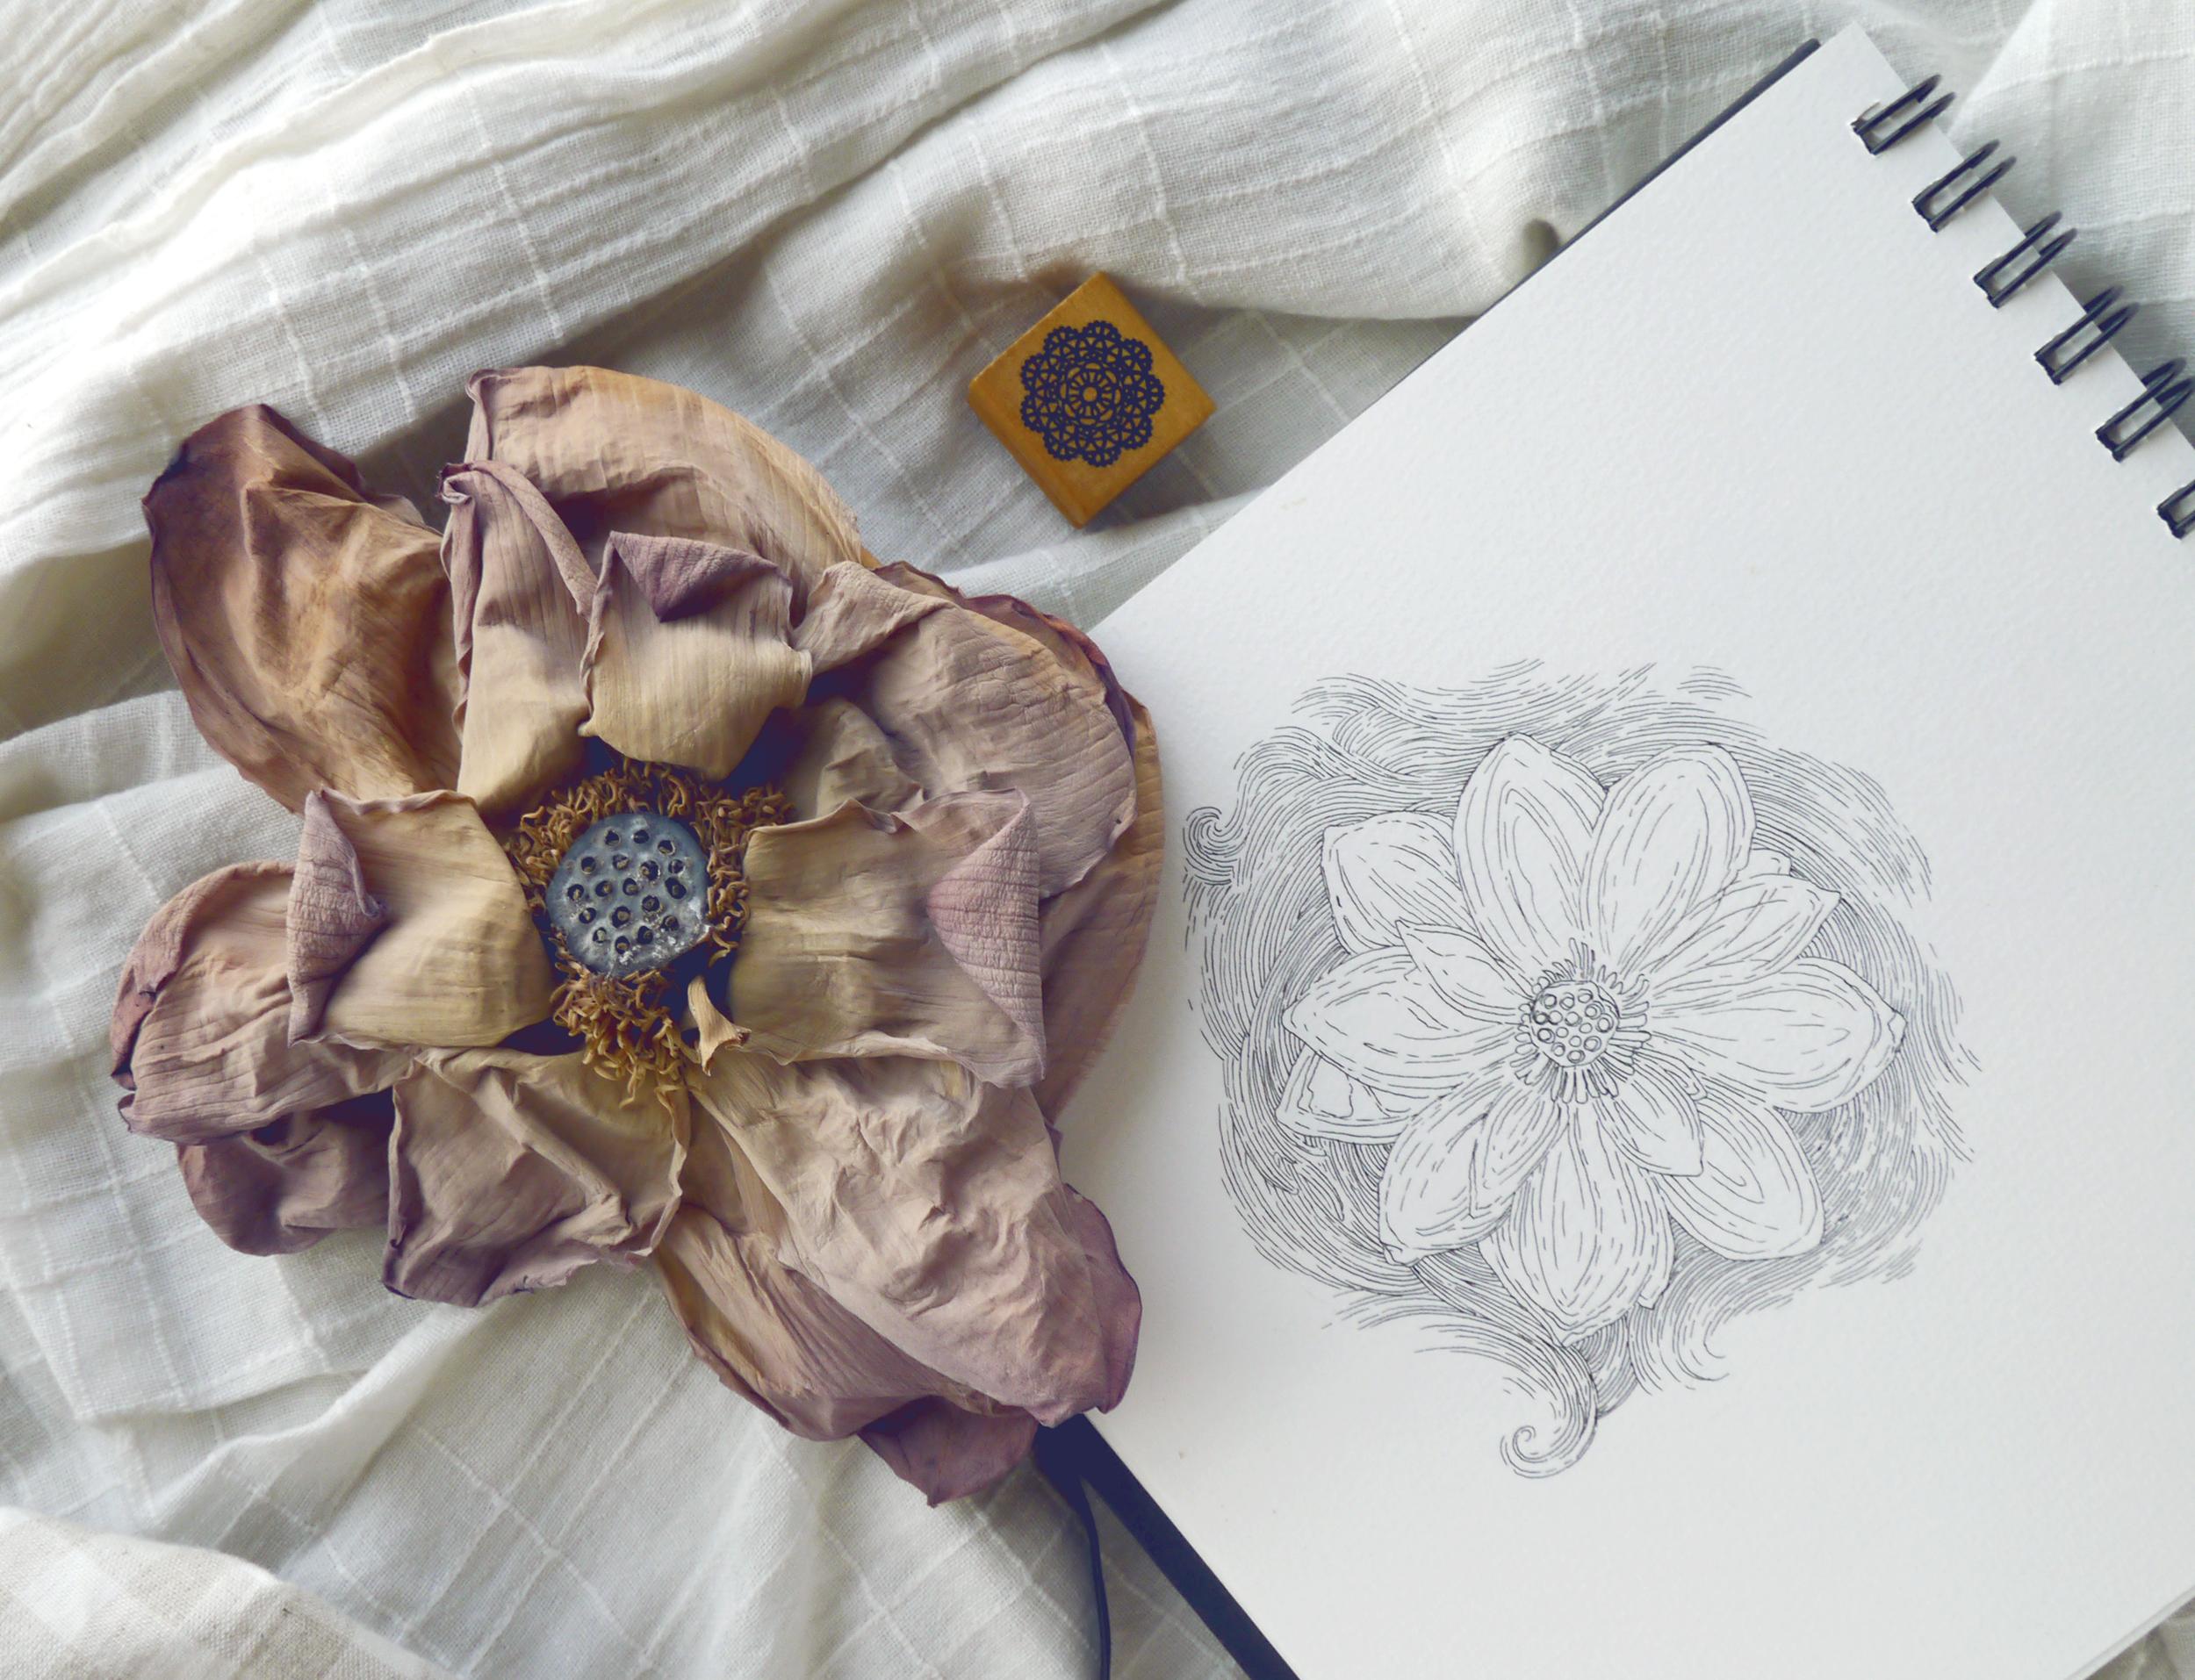 lotus-flower-tea-korea-sketch.png